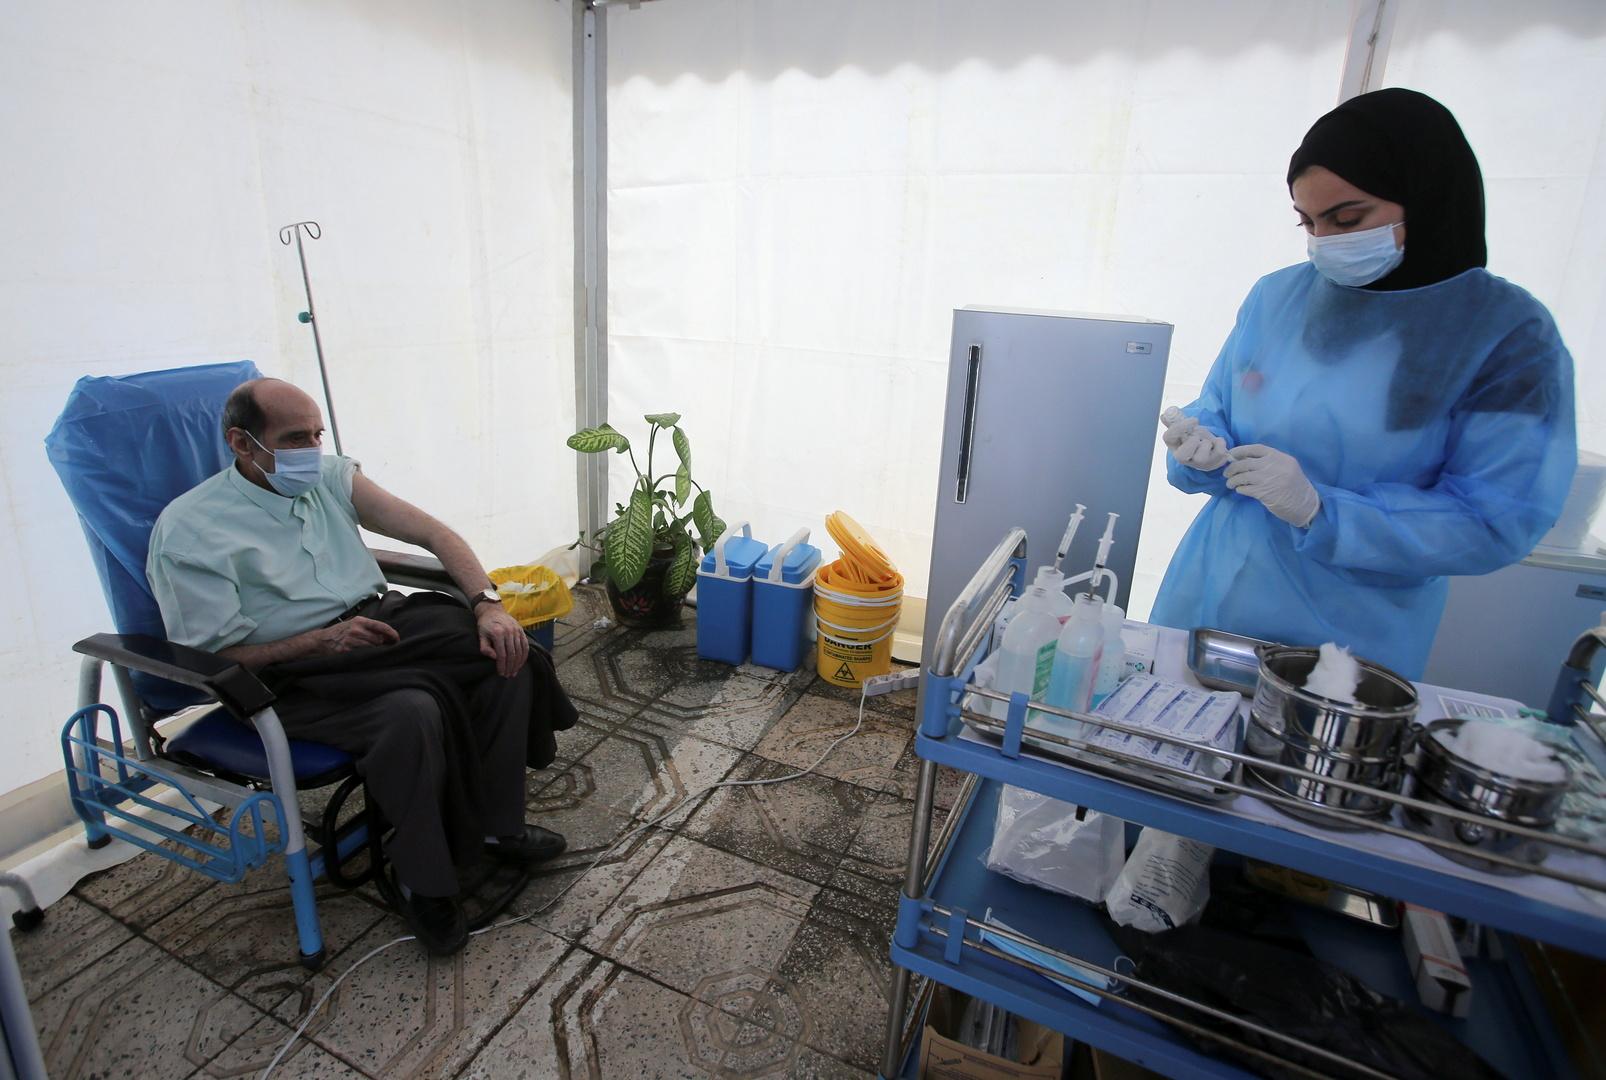 مسؤول صحي: الجزائر دخلت في الموجة الثالثة